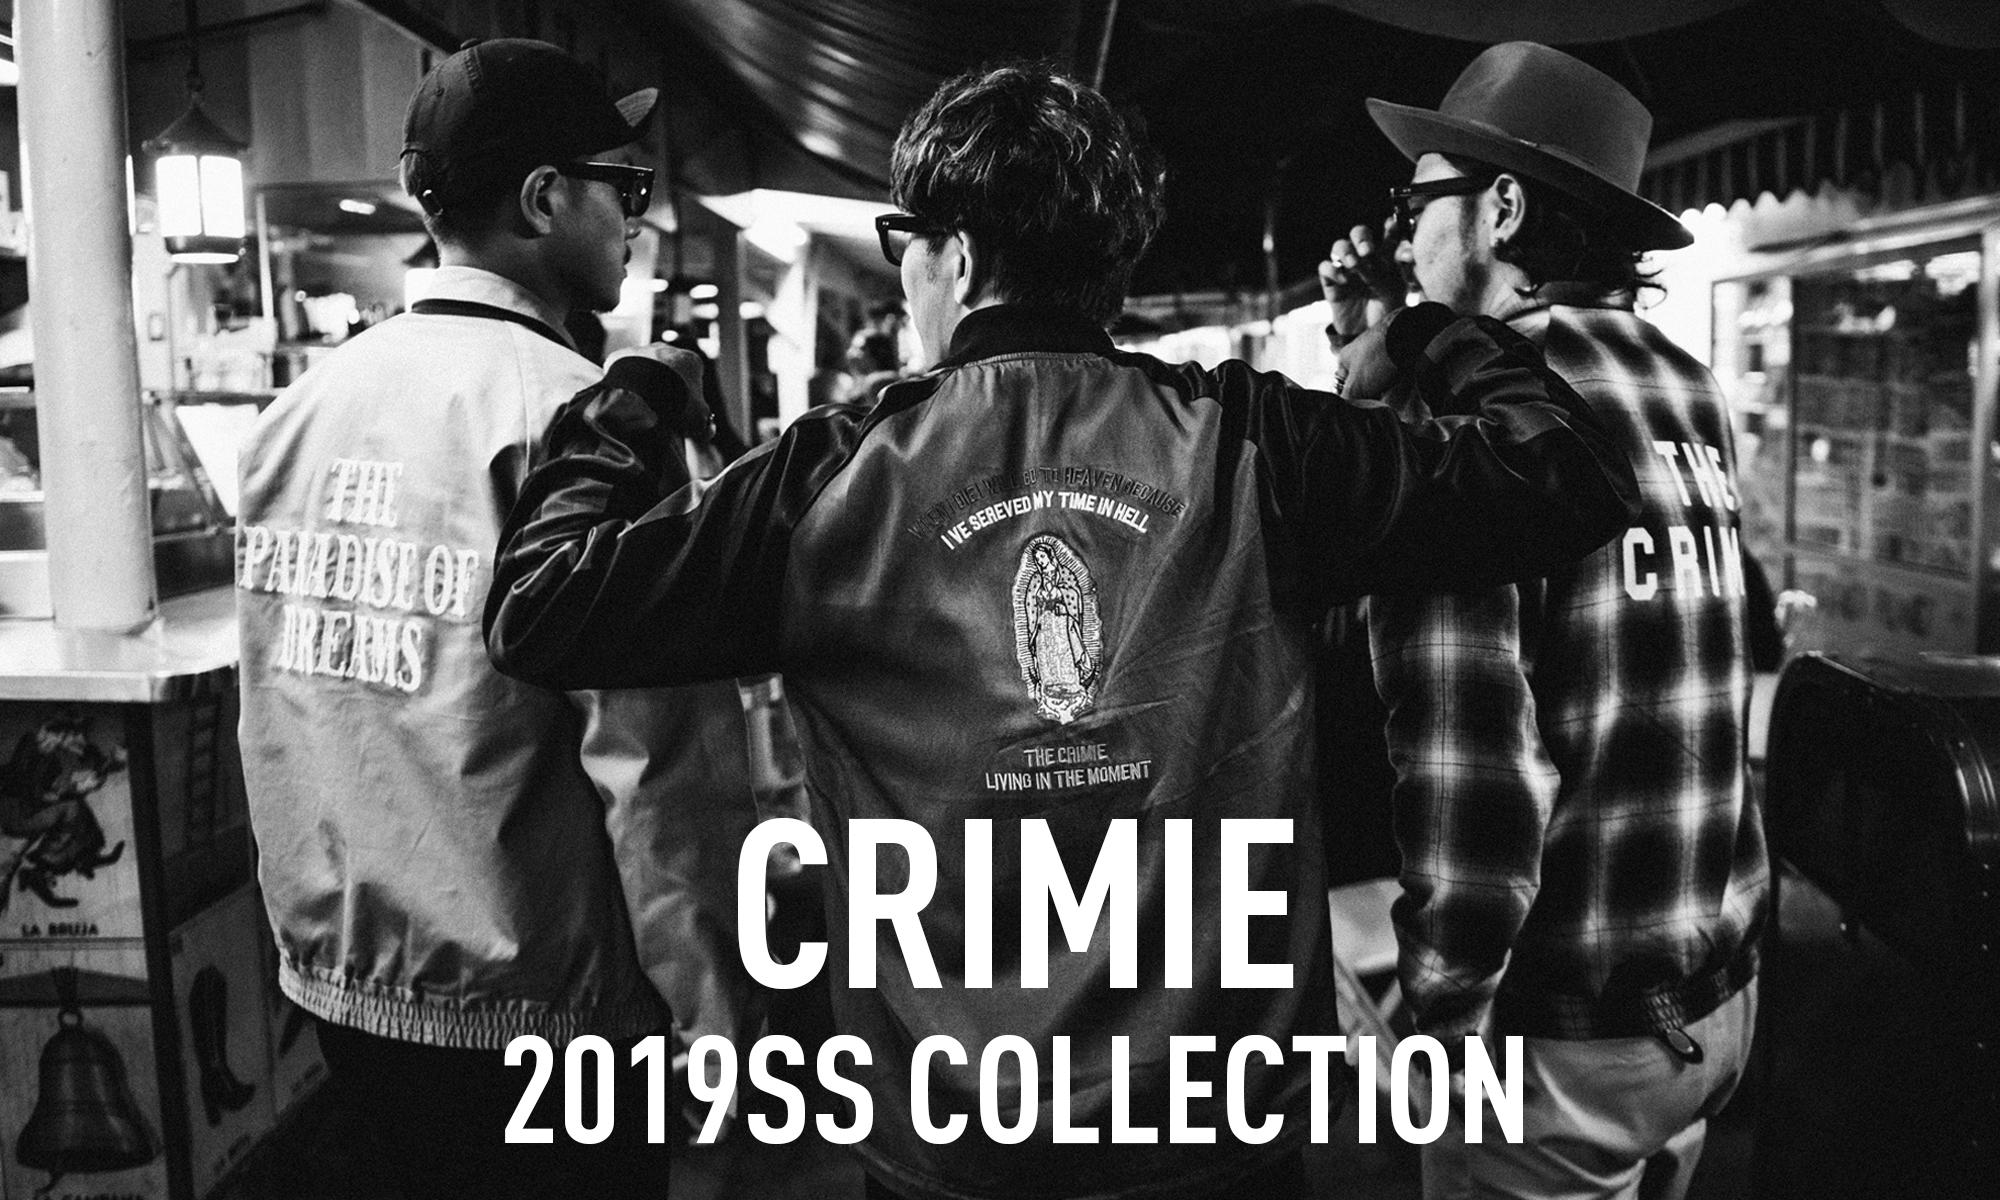 アメカジと不良性が溶け合う大人の男のリアルクローズ「CRIMIE」-2019SS COLLECTION-